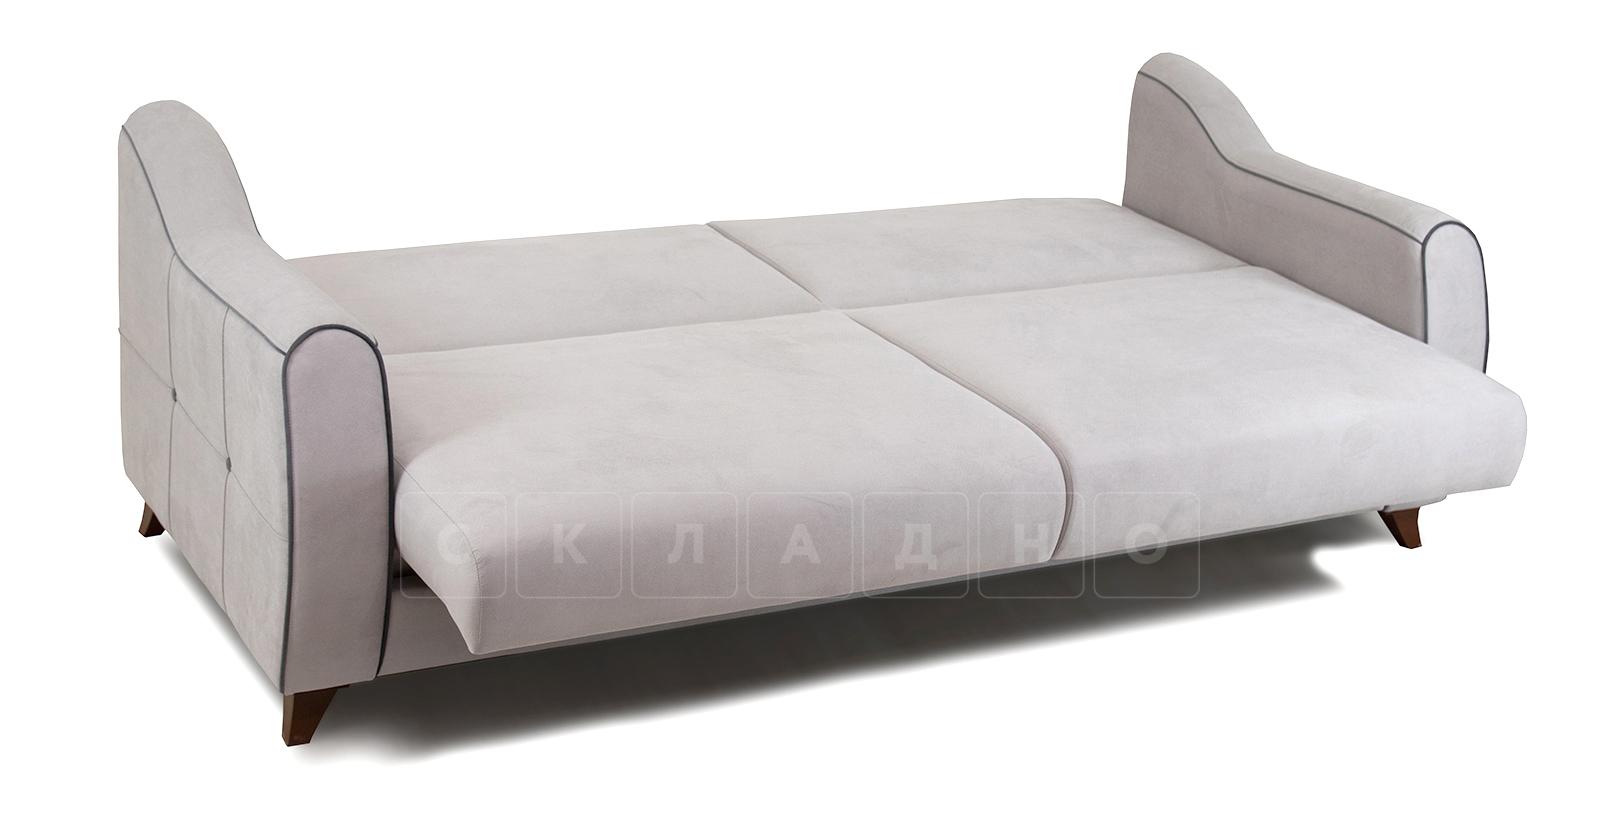 Диван-кровать Флэтфорд светло-серый фото 4 | интернет-магазин Складно